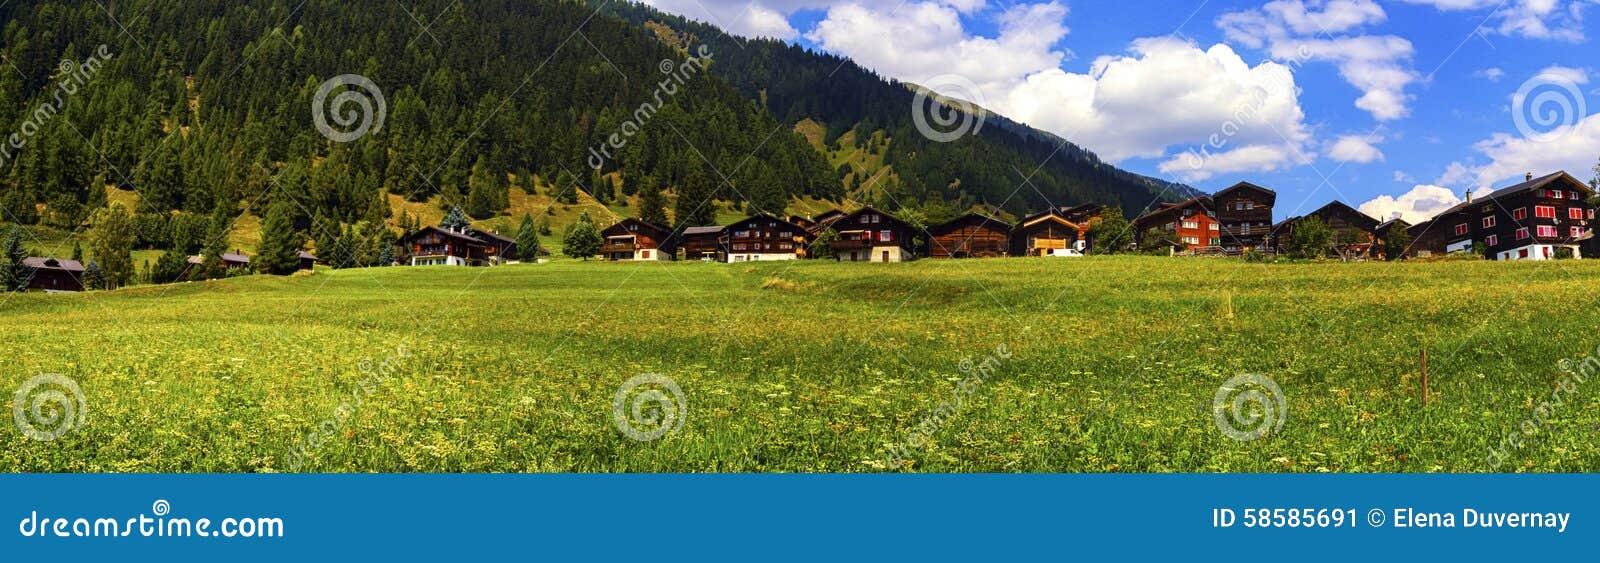 Biel-Chalets im Sommer, Bern-Bezirk, die Schweiz